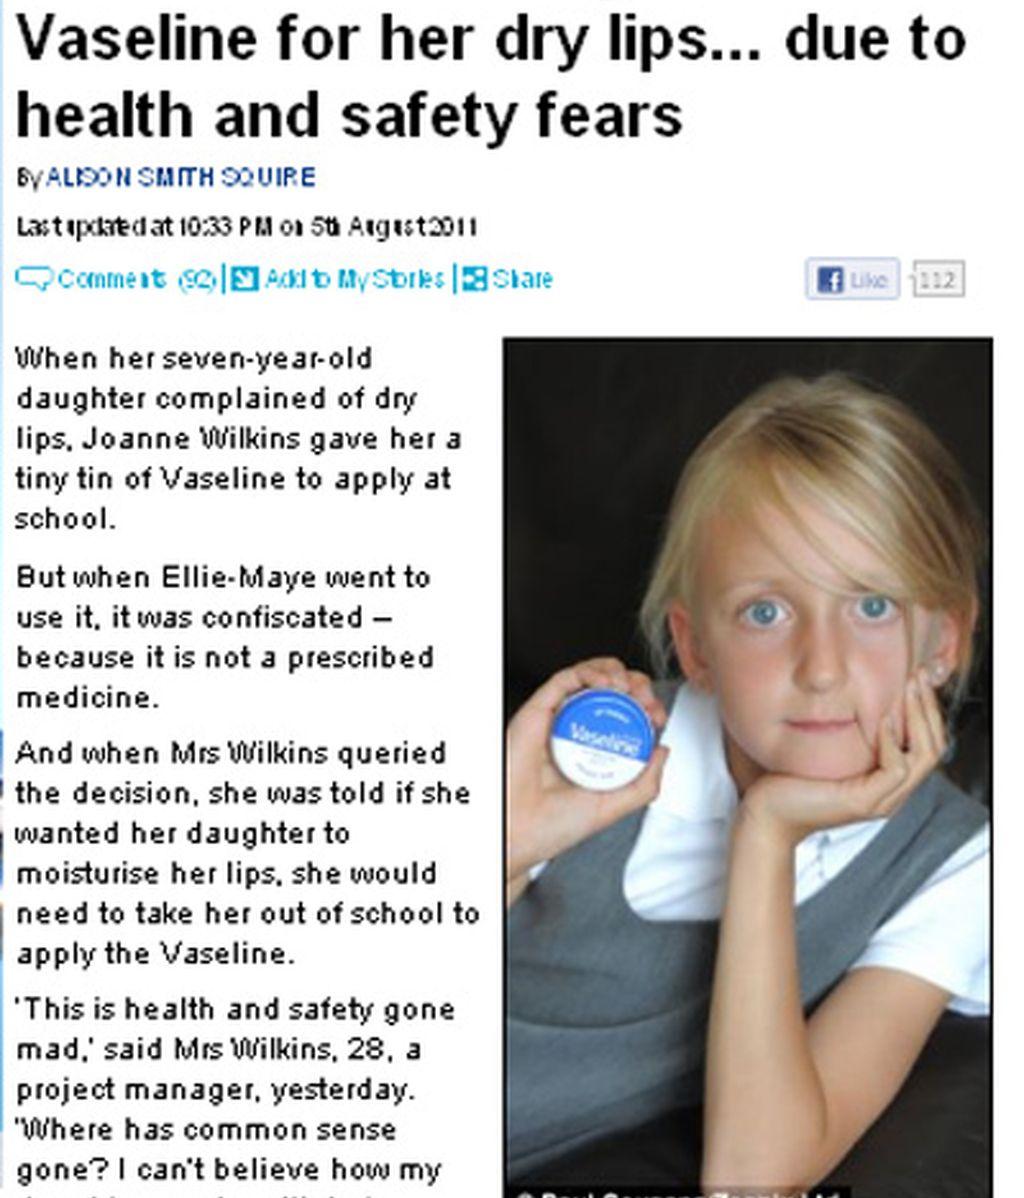 La niña muestra su vaselina como algo inofensivo. Foto: Daily Mail